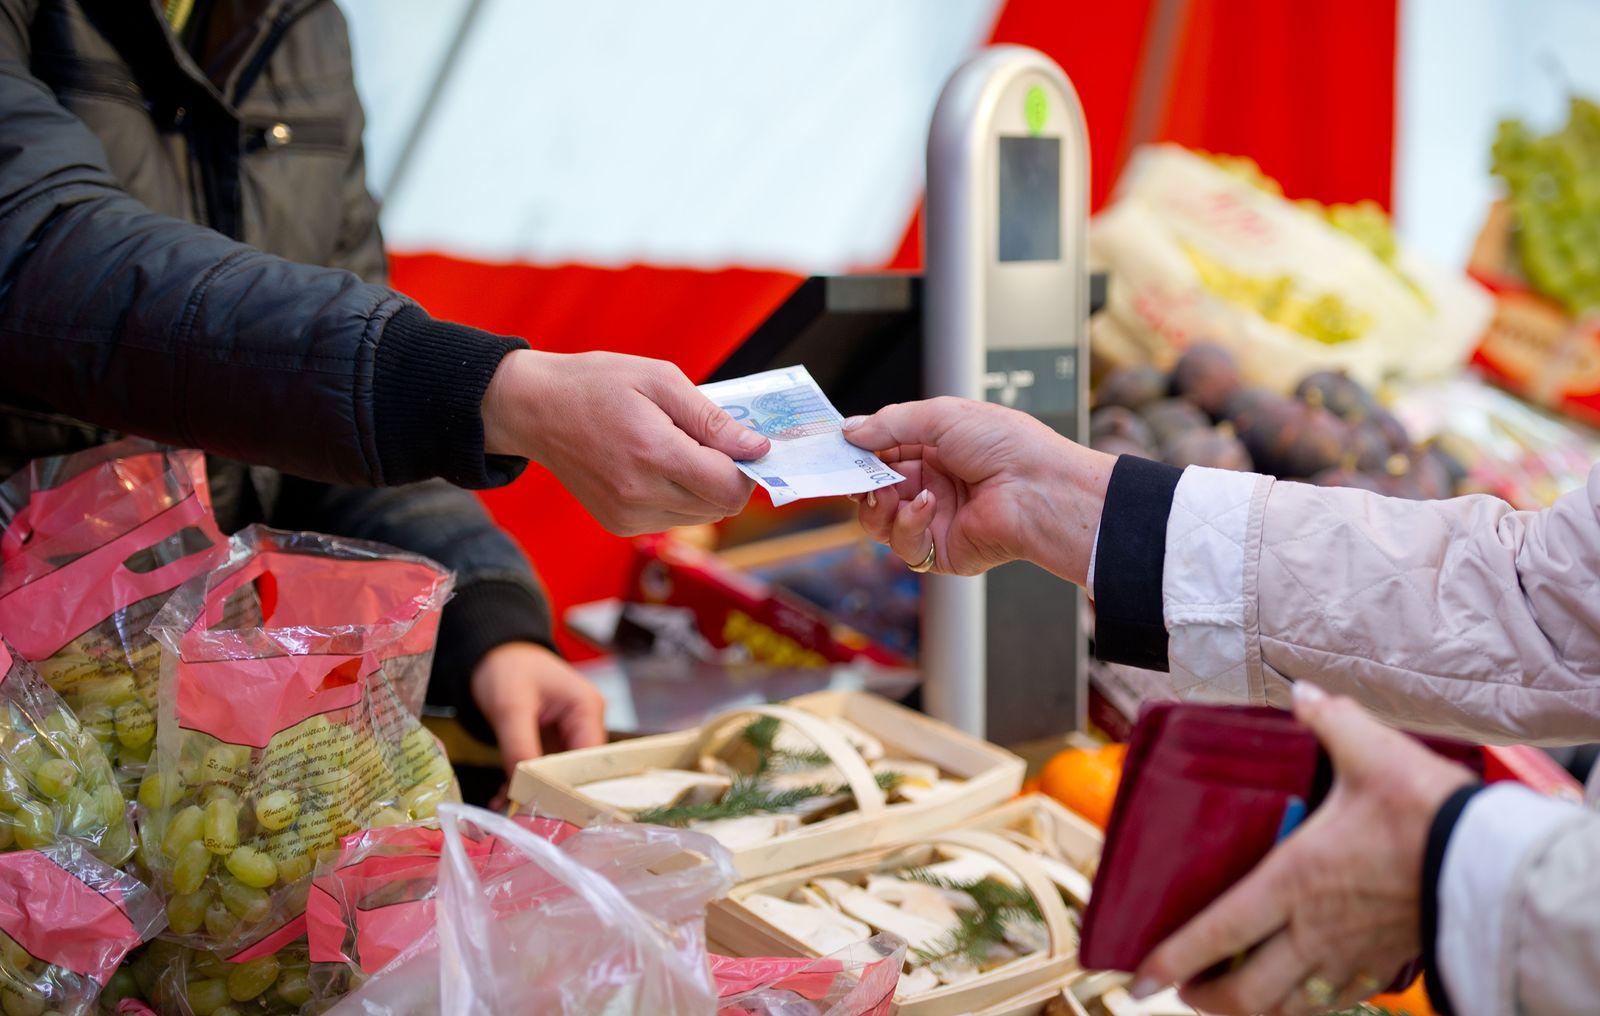 Einkauf / Lebensmittel / Supermarkt / Preise / preisschilder / Inflation